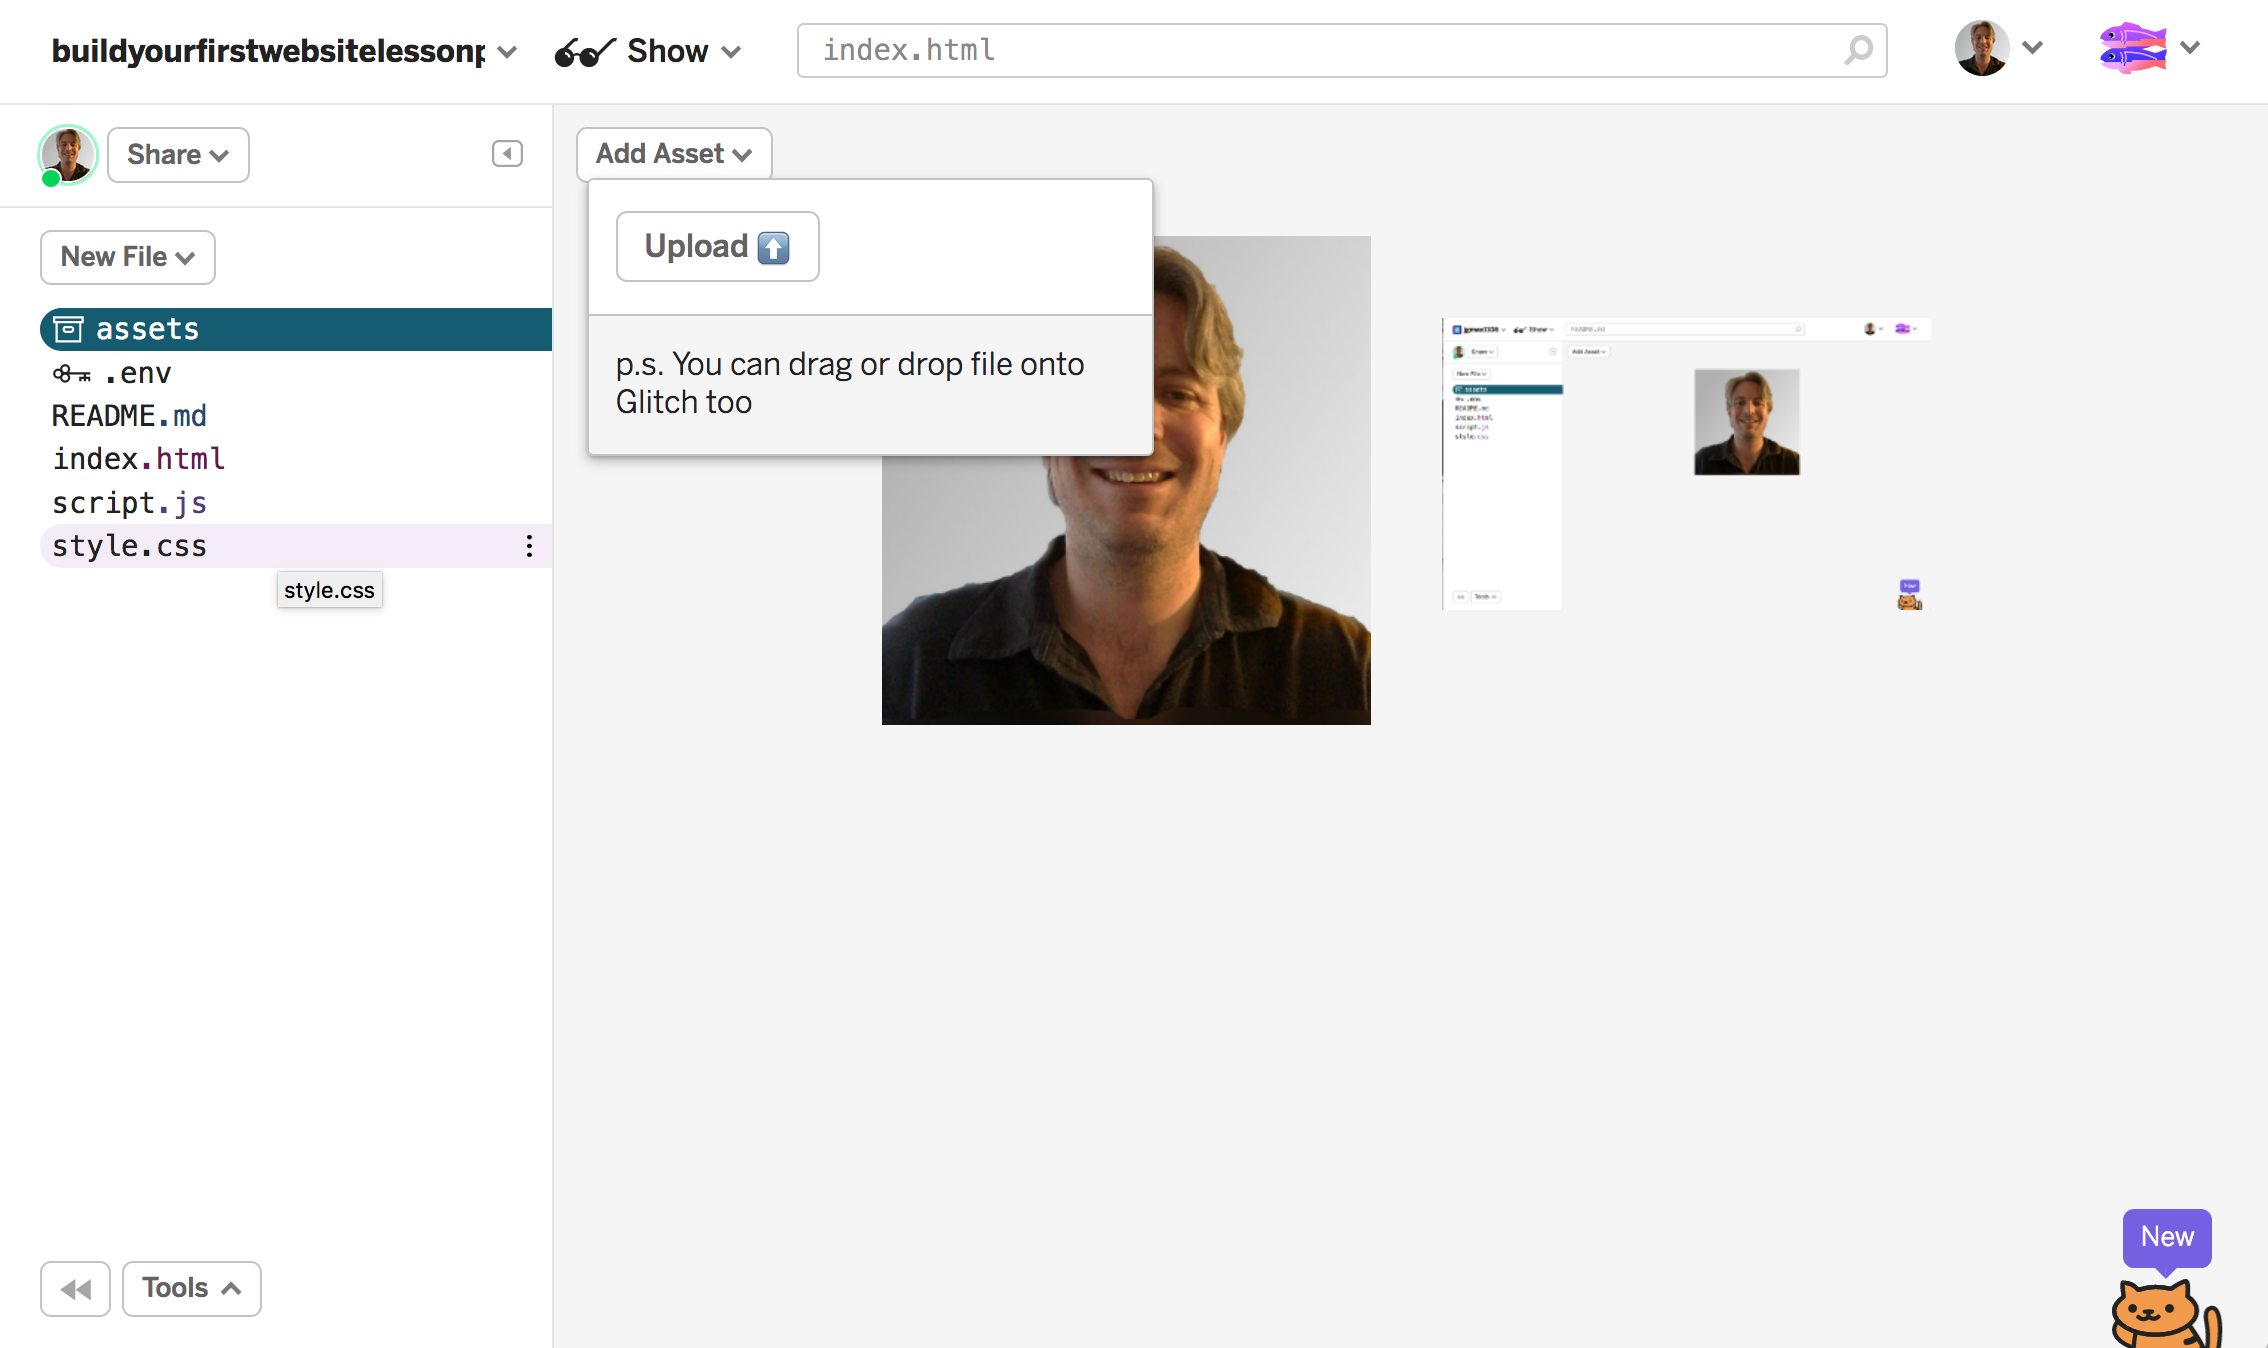 screenshot of hovering over upload